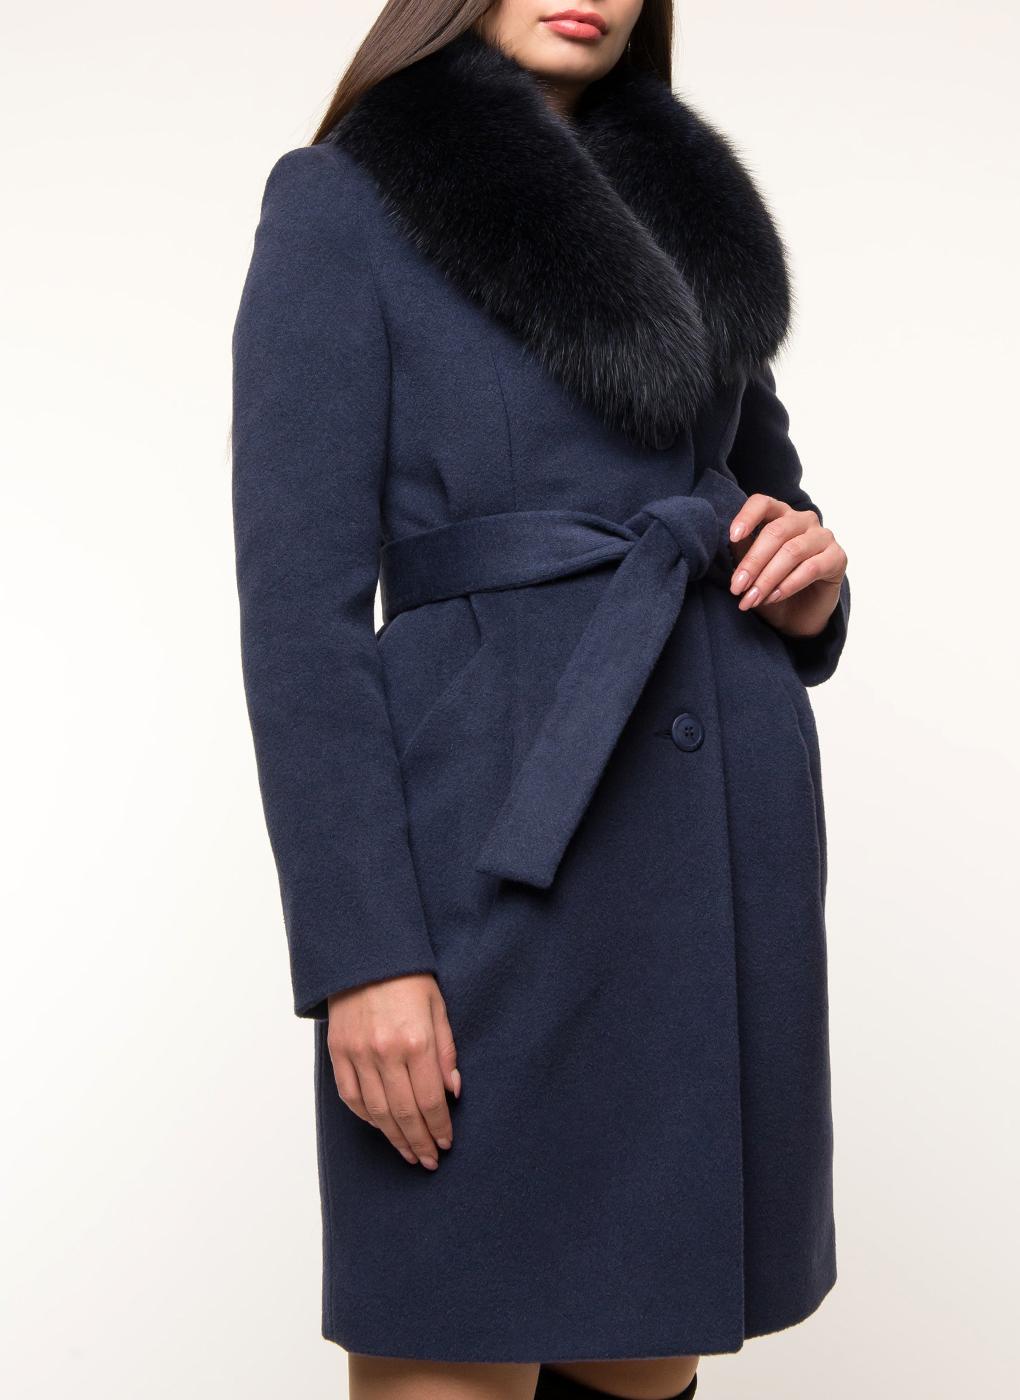 Пальто шерстяное 86, Bella collection фото